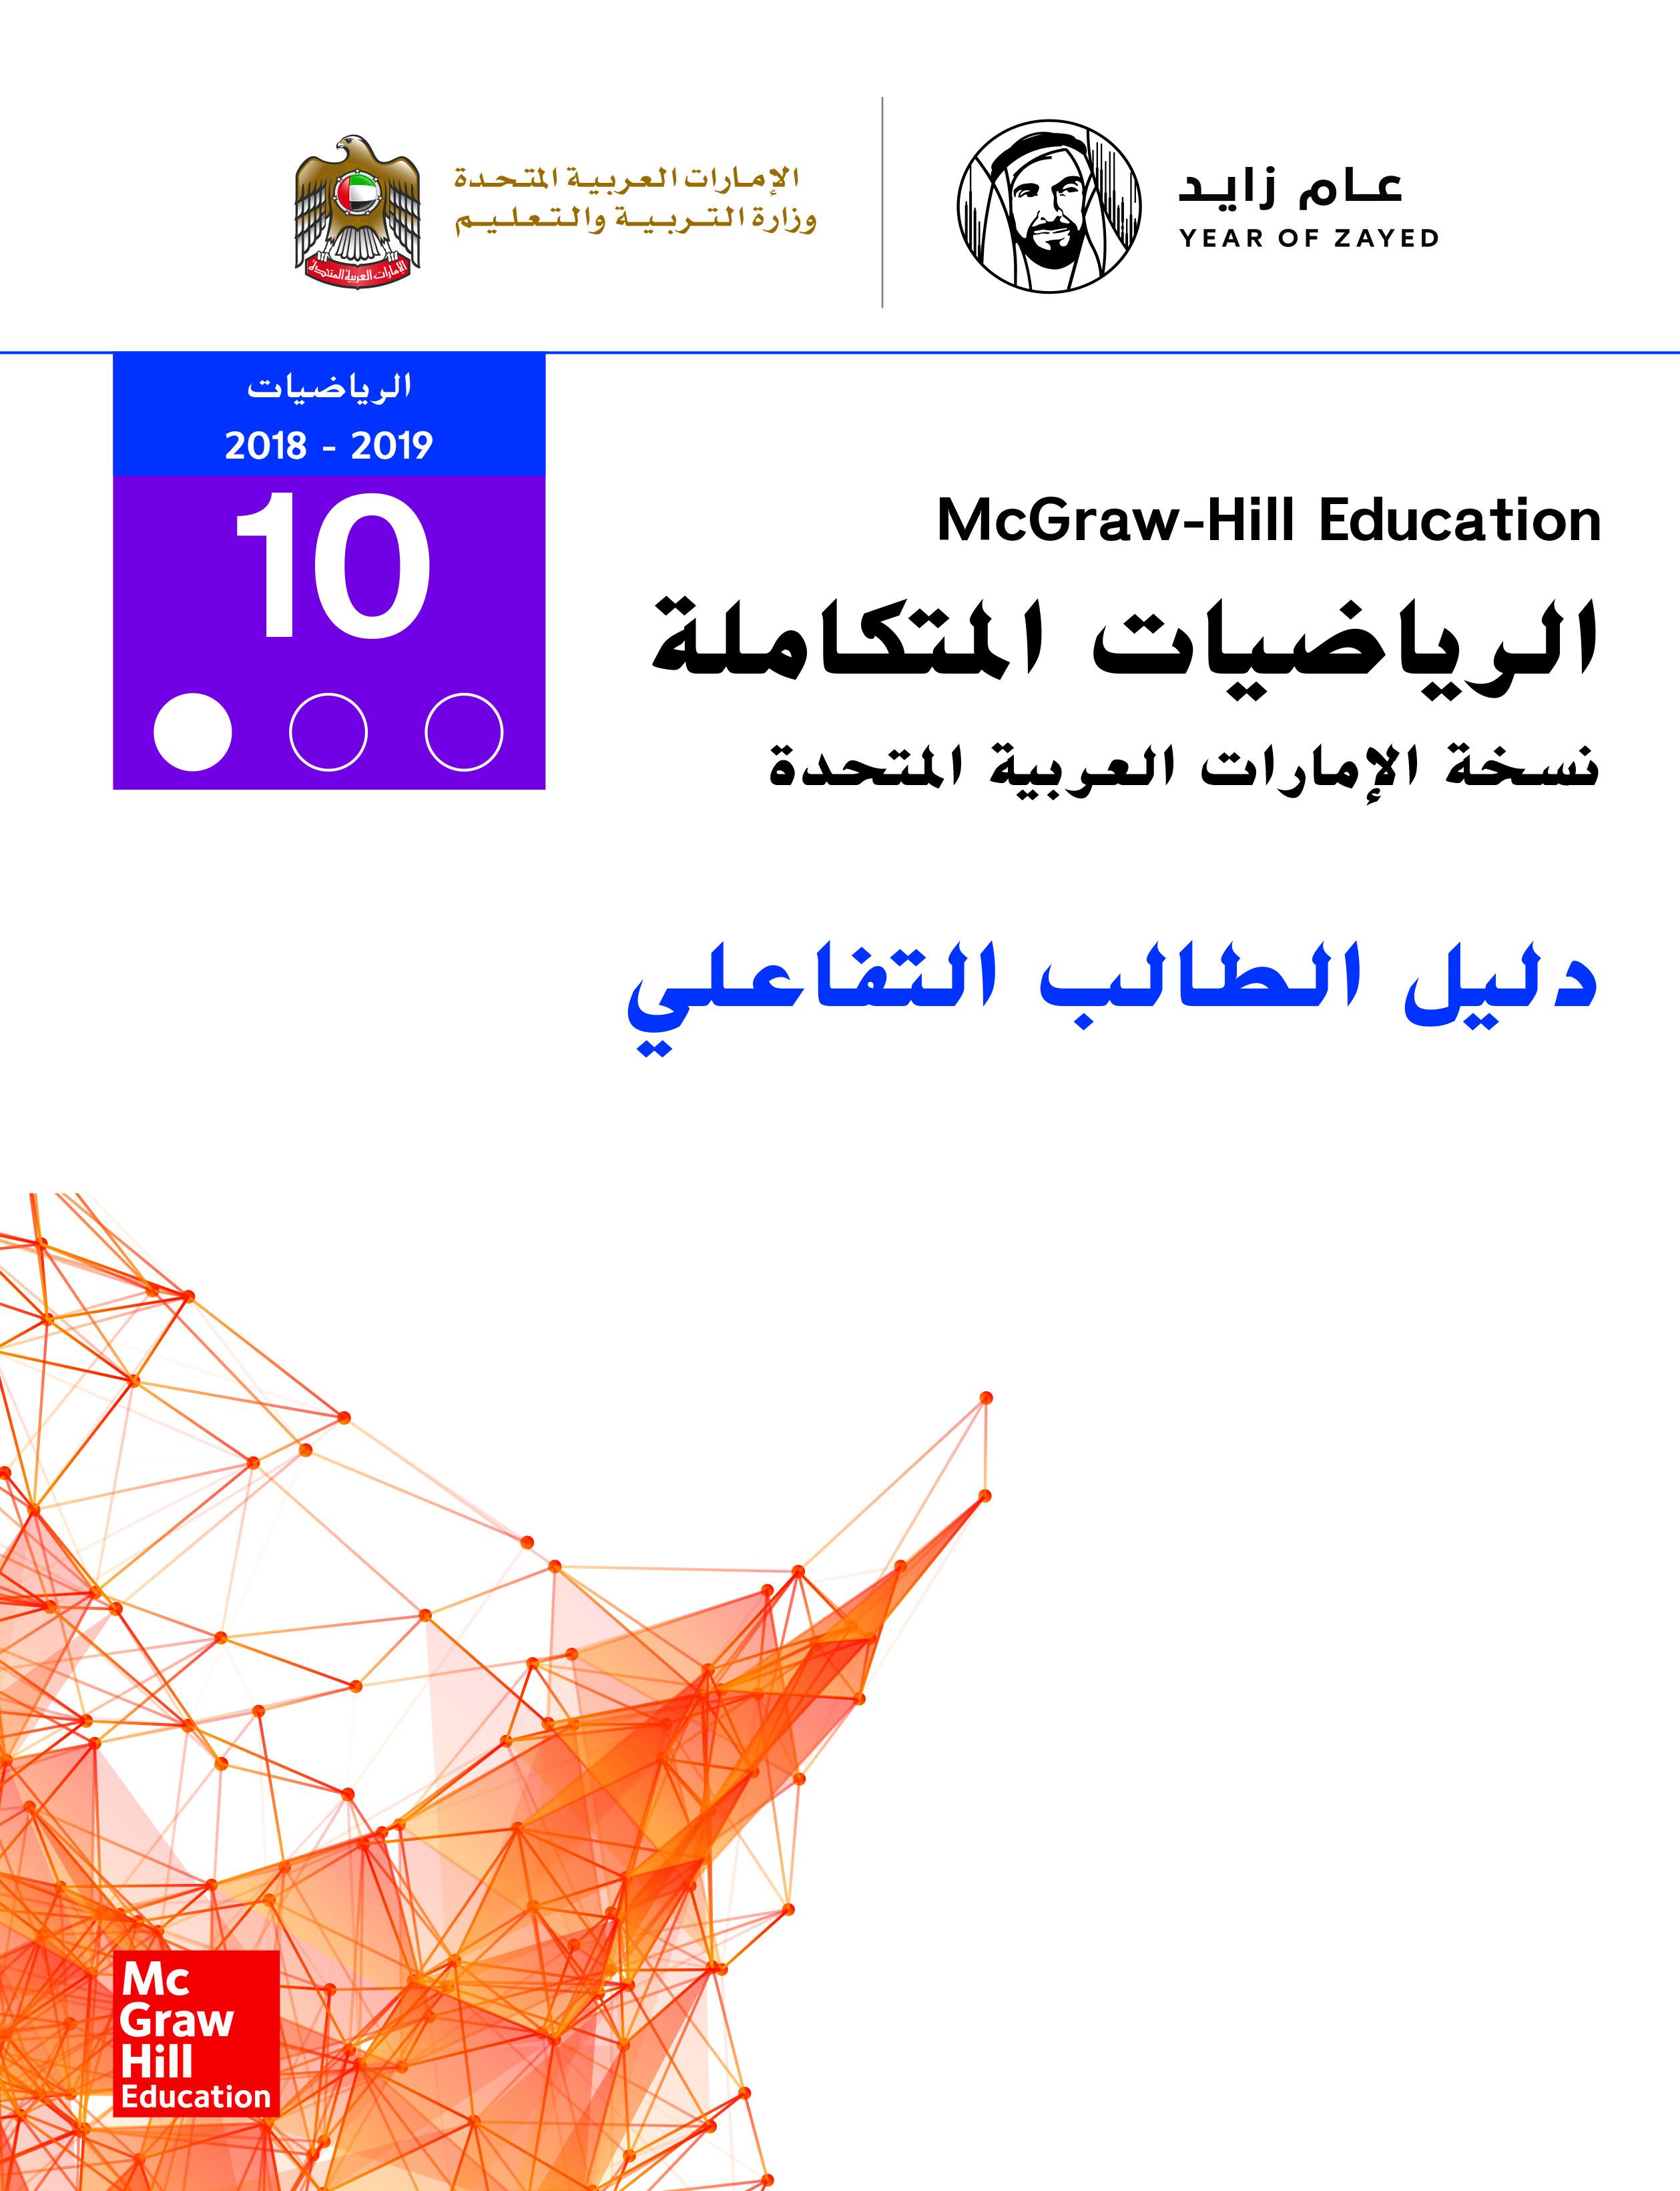 الرياضيات المتكاملة - دليل الطالب التفاعلي -كتاب الطالب - الصف العاشر العام - الجزء الأول